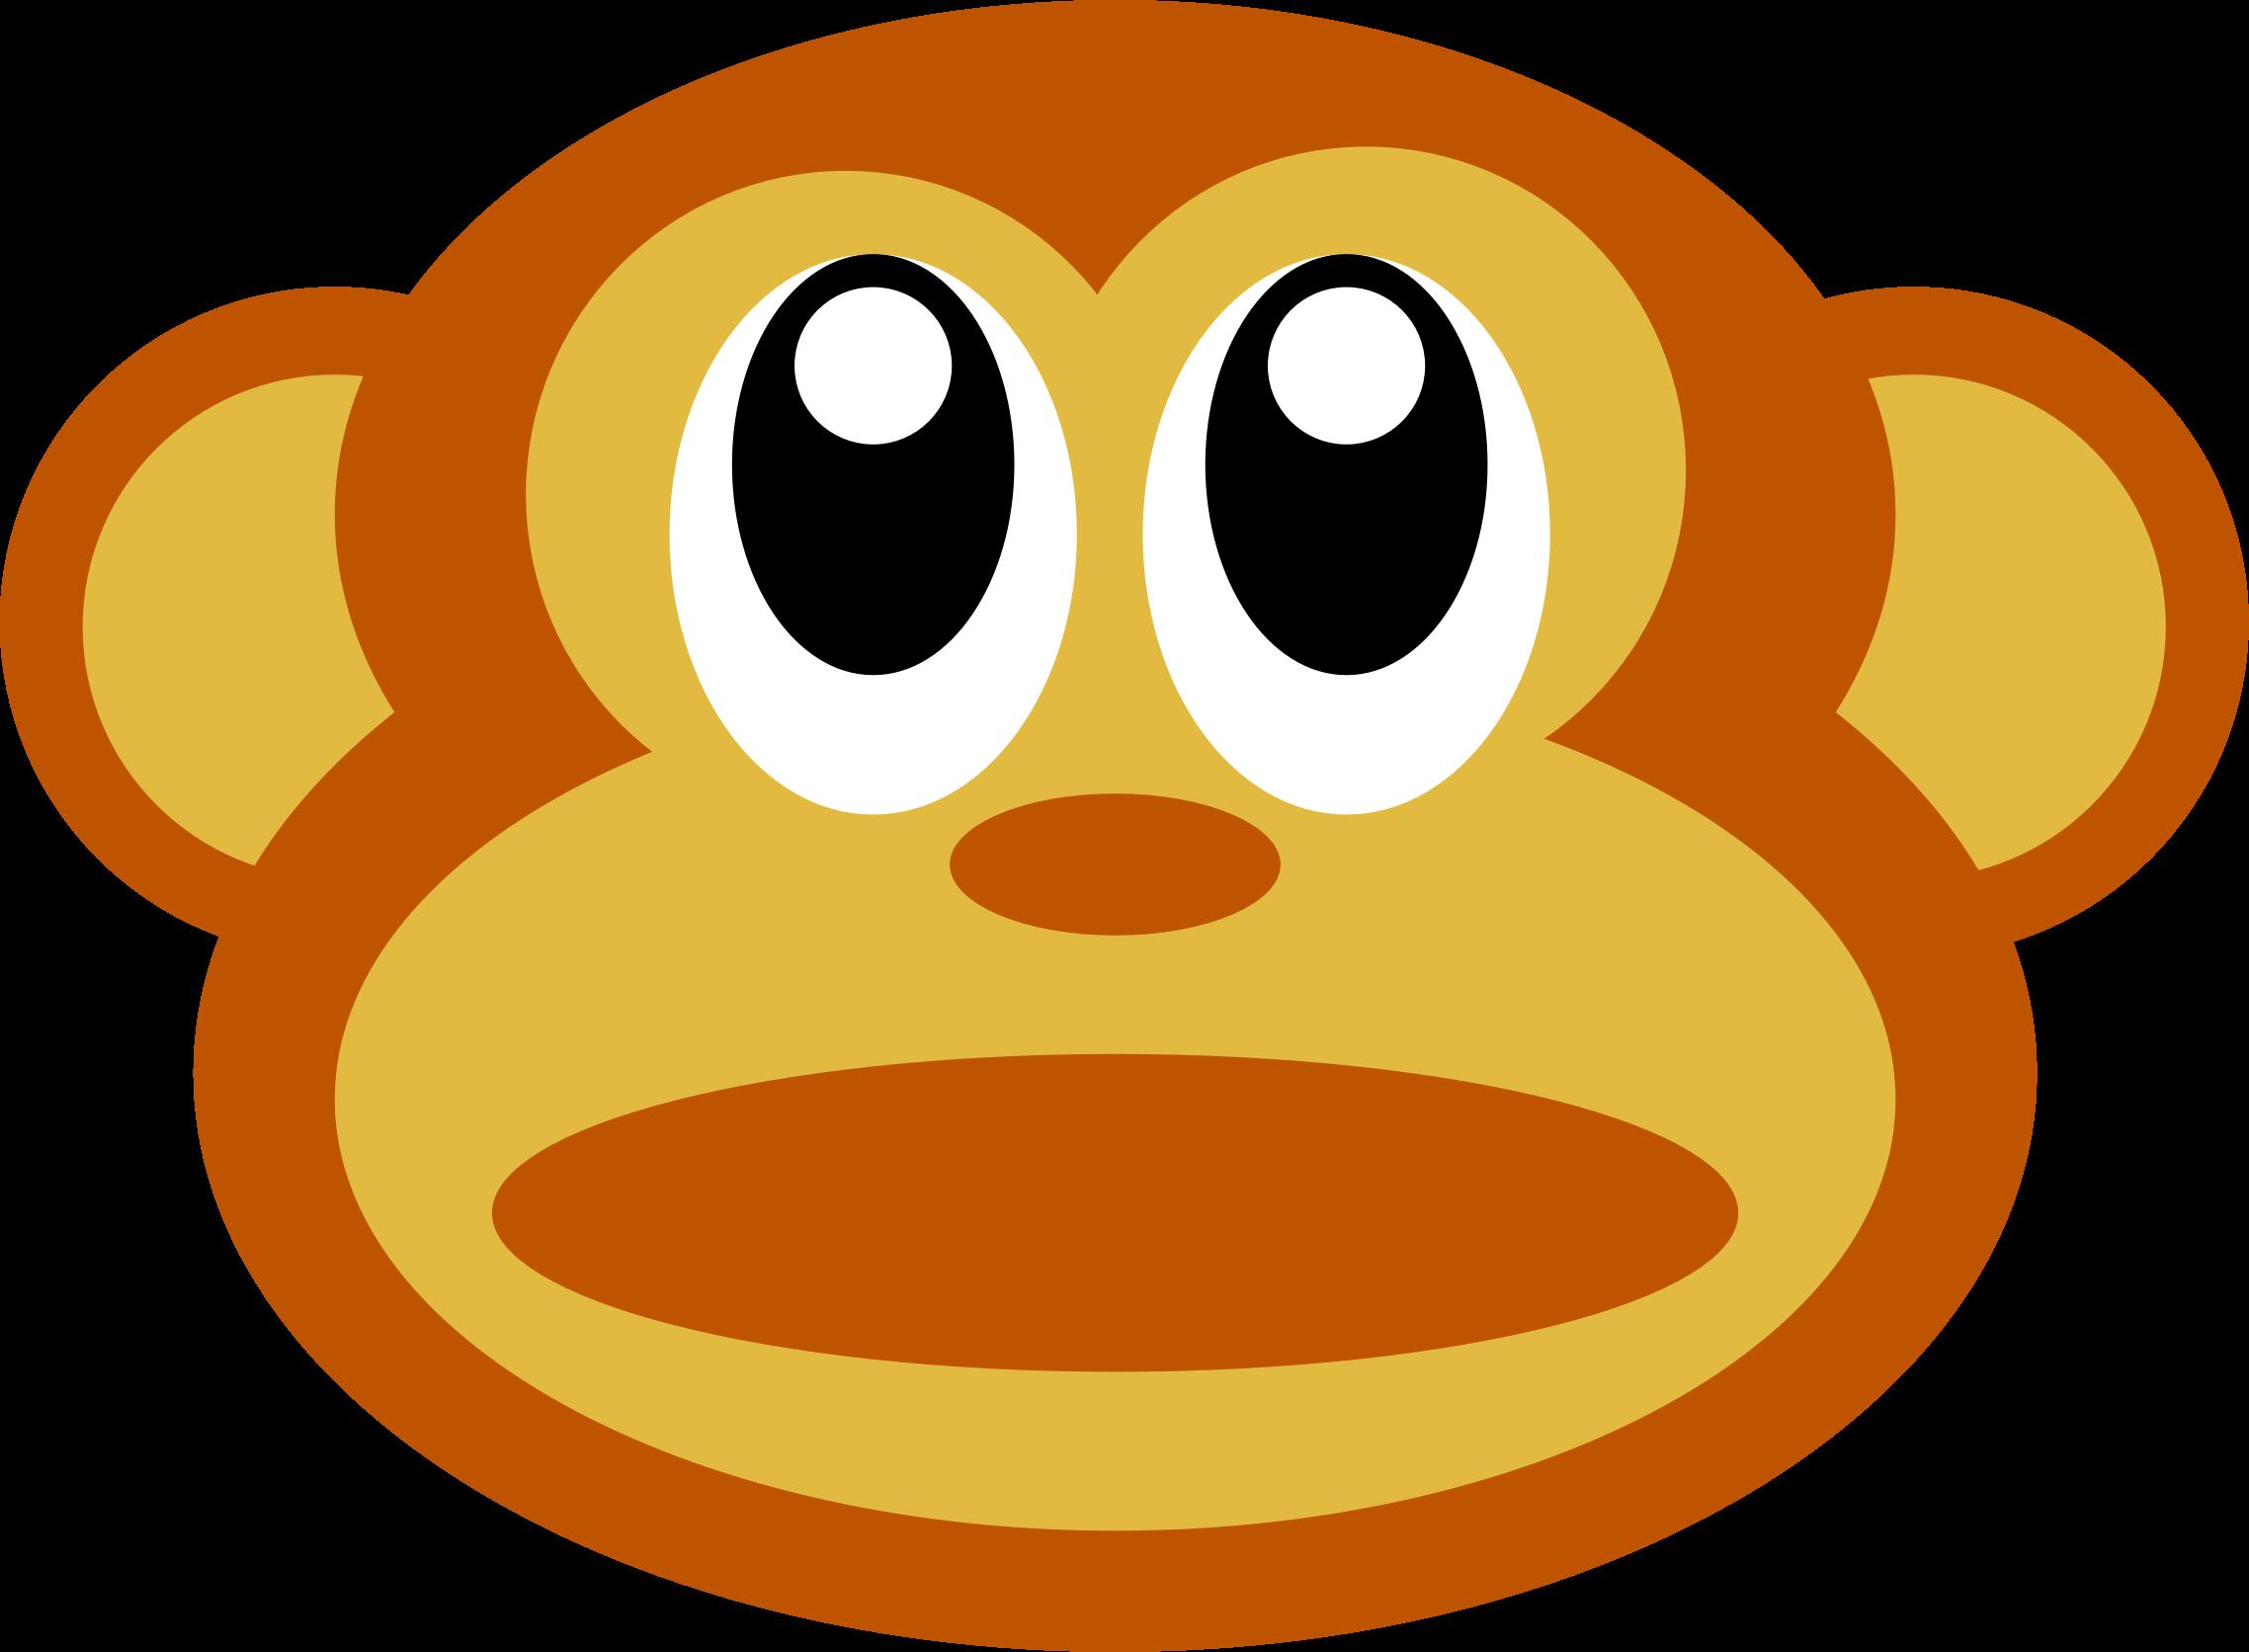 Monkey Face Clipart #1. BIG I - Monkey Face Clip Art